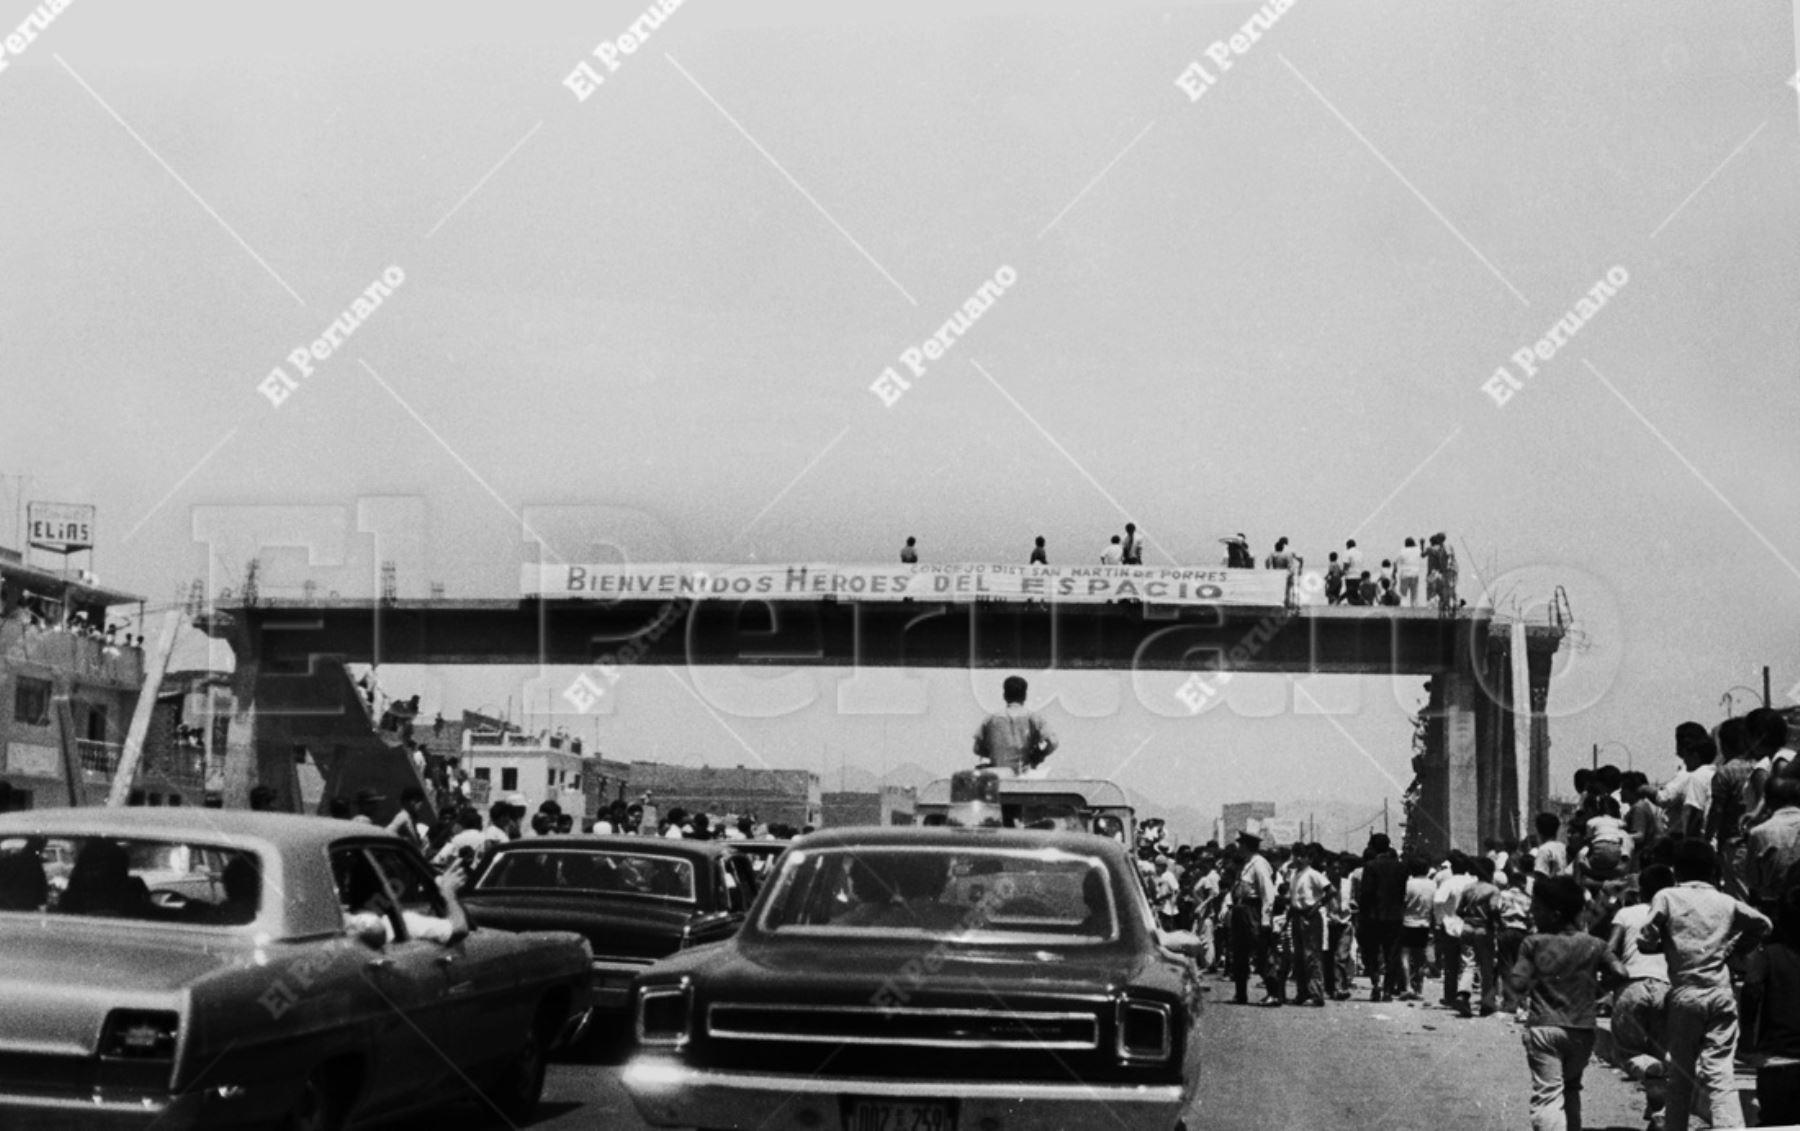 Lima - 17 febrero 1970 / Una multitud aclamó a los astronautas del Apolo XII: Charles Conrad, Richard Gordon y Alan Bean en su recorrido del aeropuerto al centro de la capital.